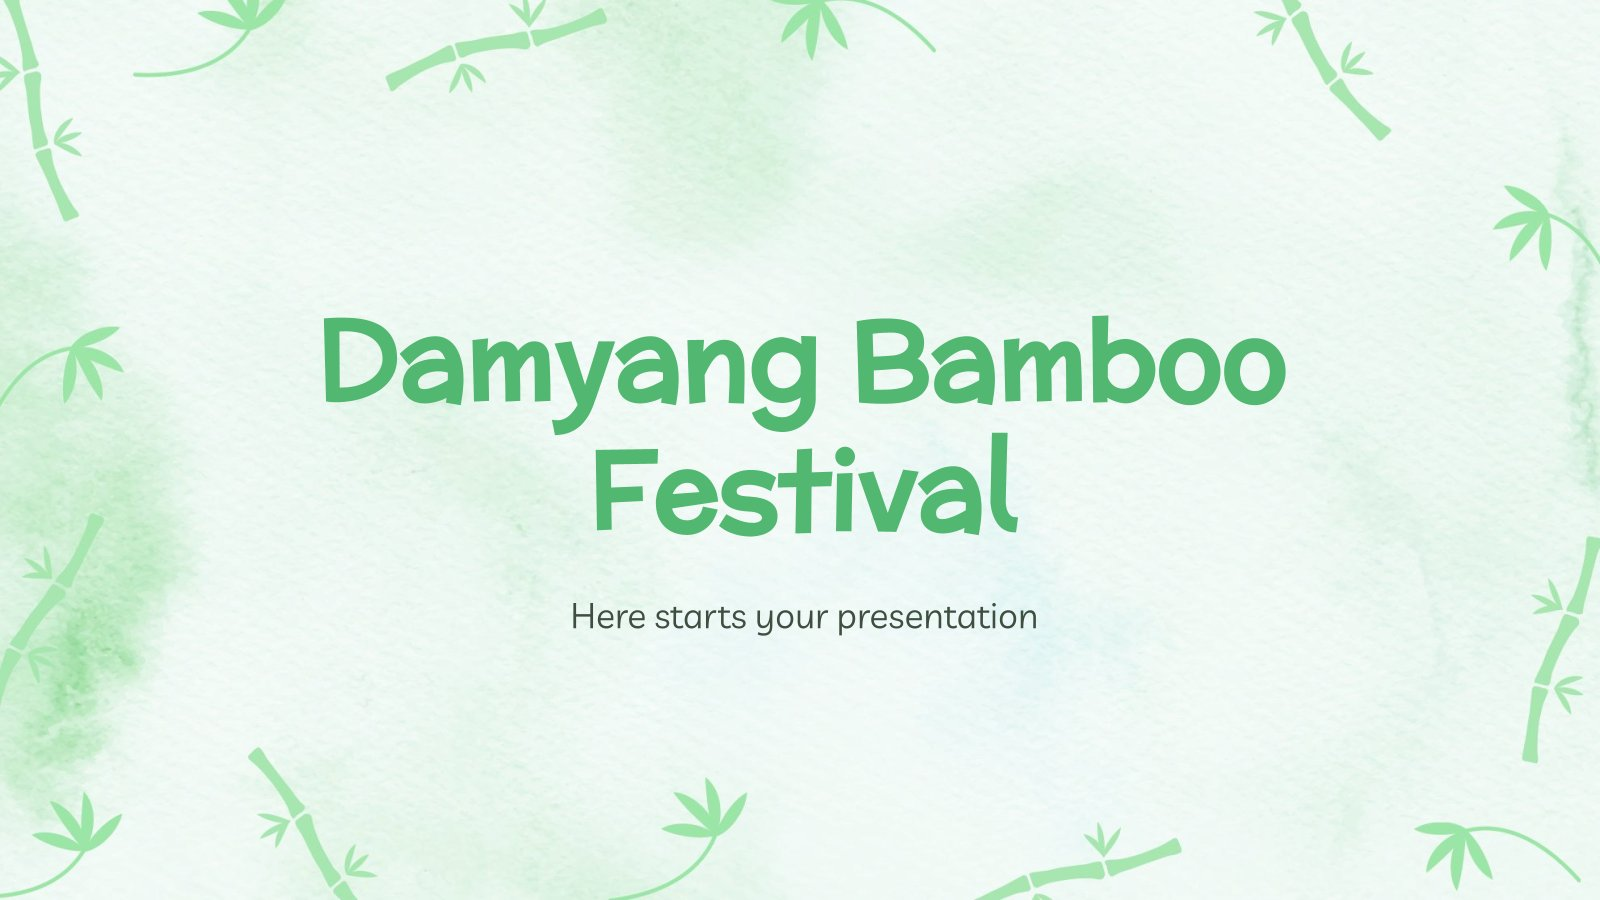 Festival du bambou de Damyang : Modèles de présentation